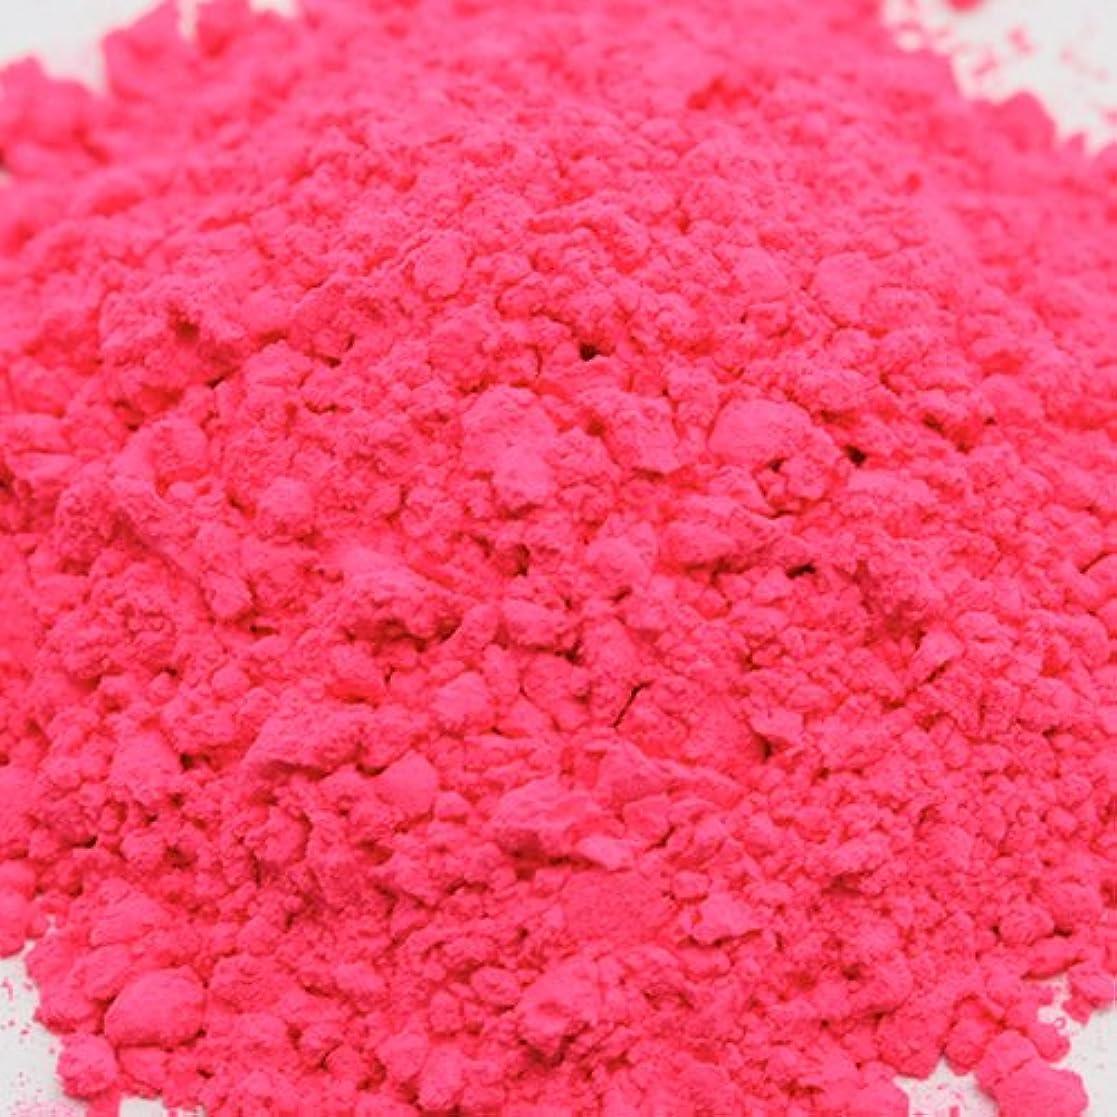 悪魔杭貨物キャンディカラー ライトピンク 5g 【手作り石鹸/手作りコスメ/色付け/カラーラント】